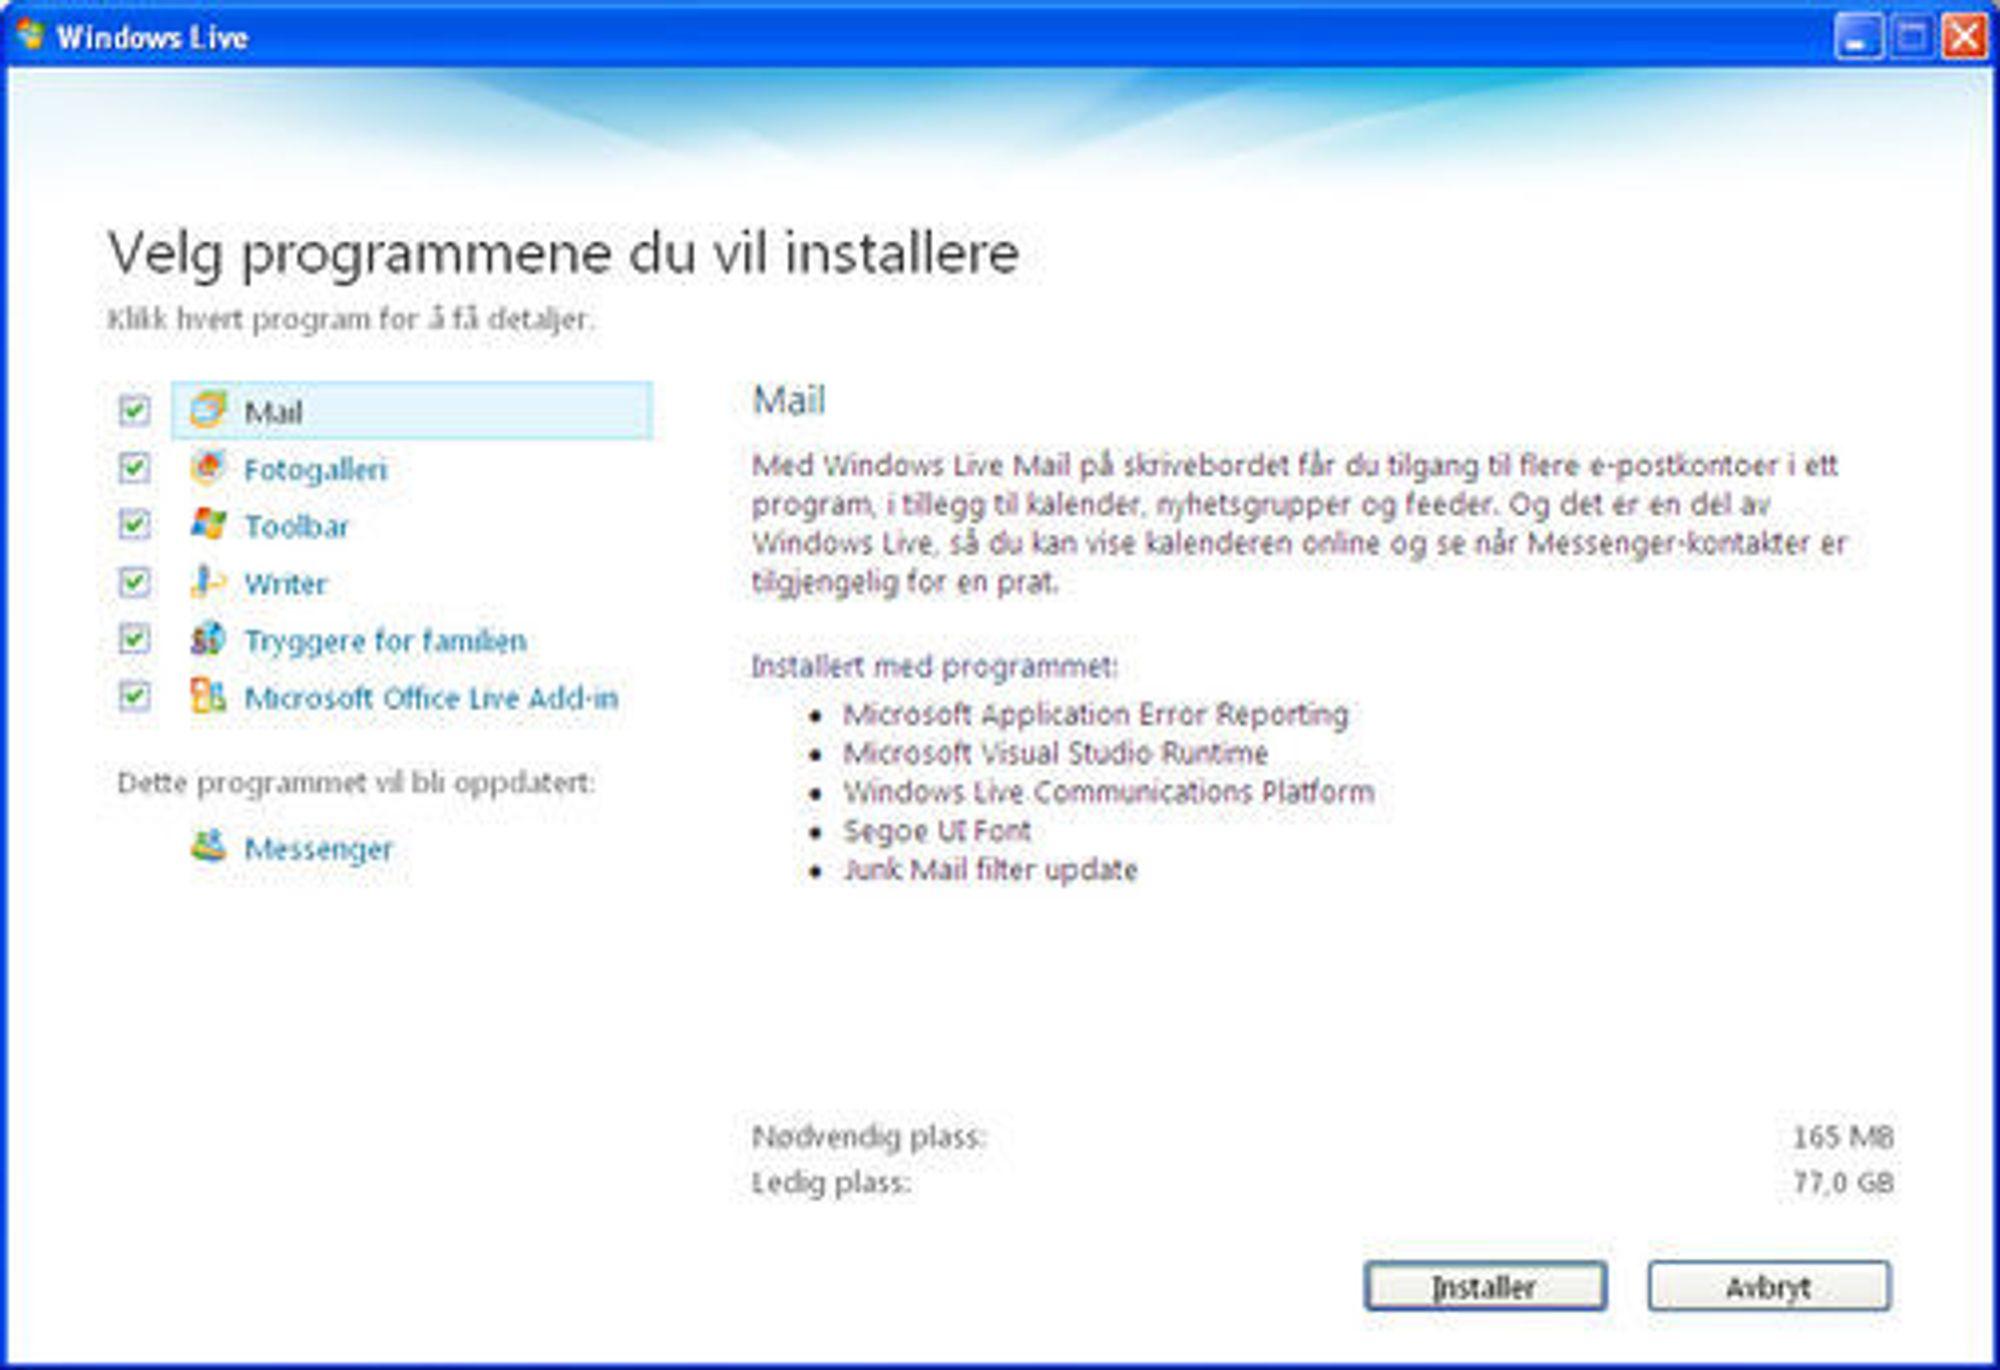 Ta vekk kryssene for programmene du ikke ønsker at skal installeres.